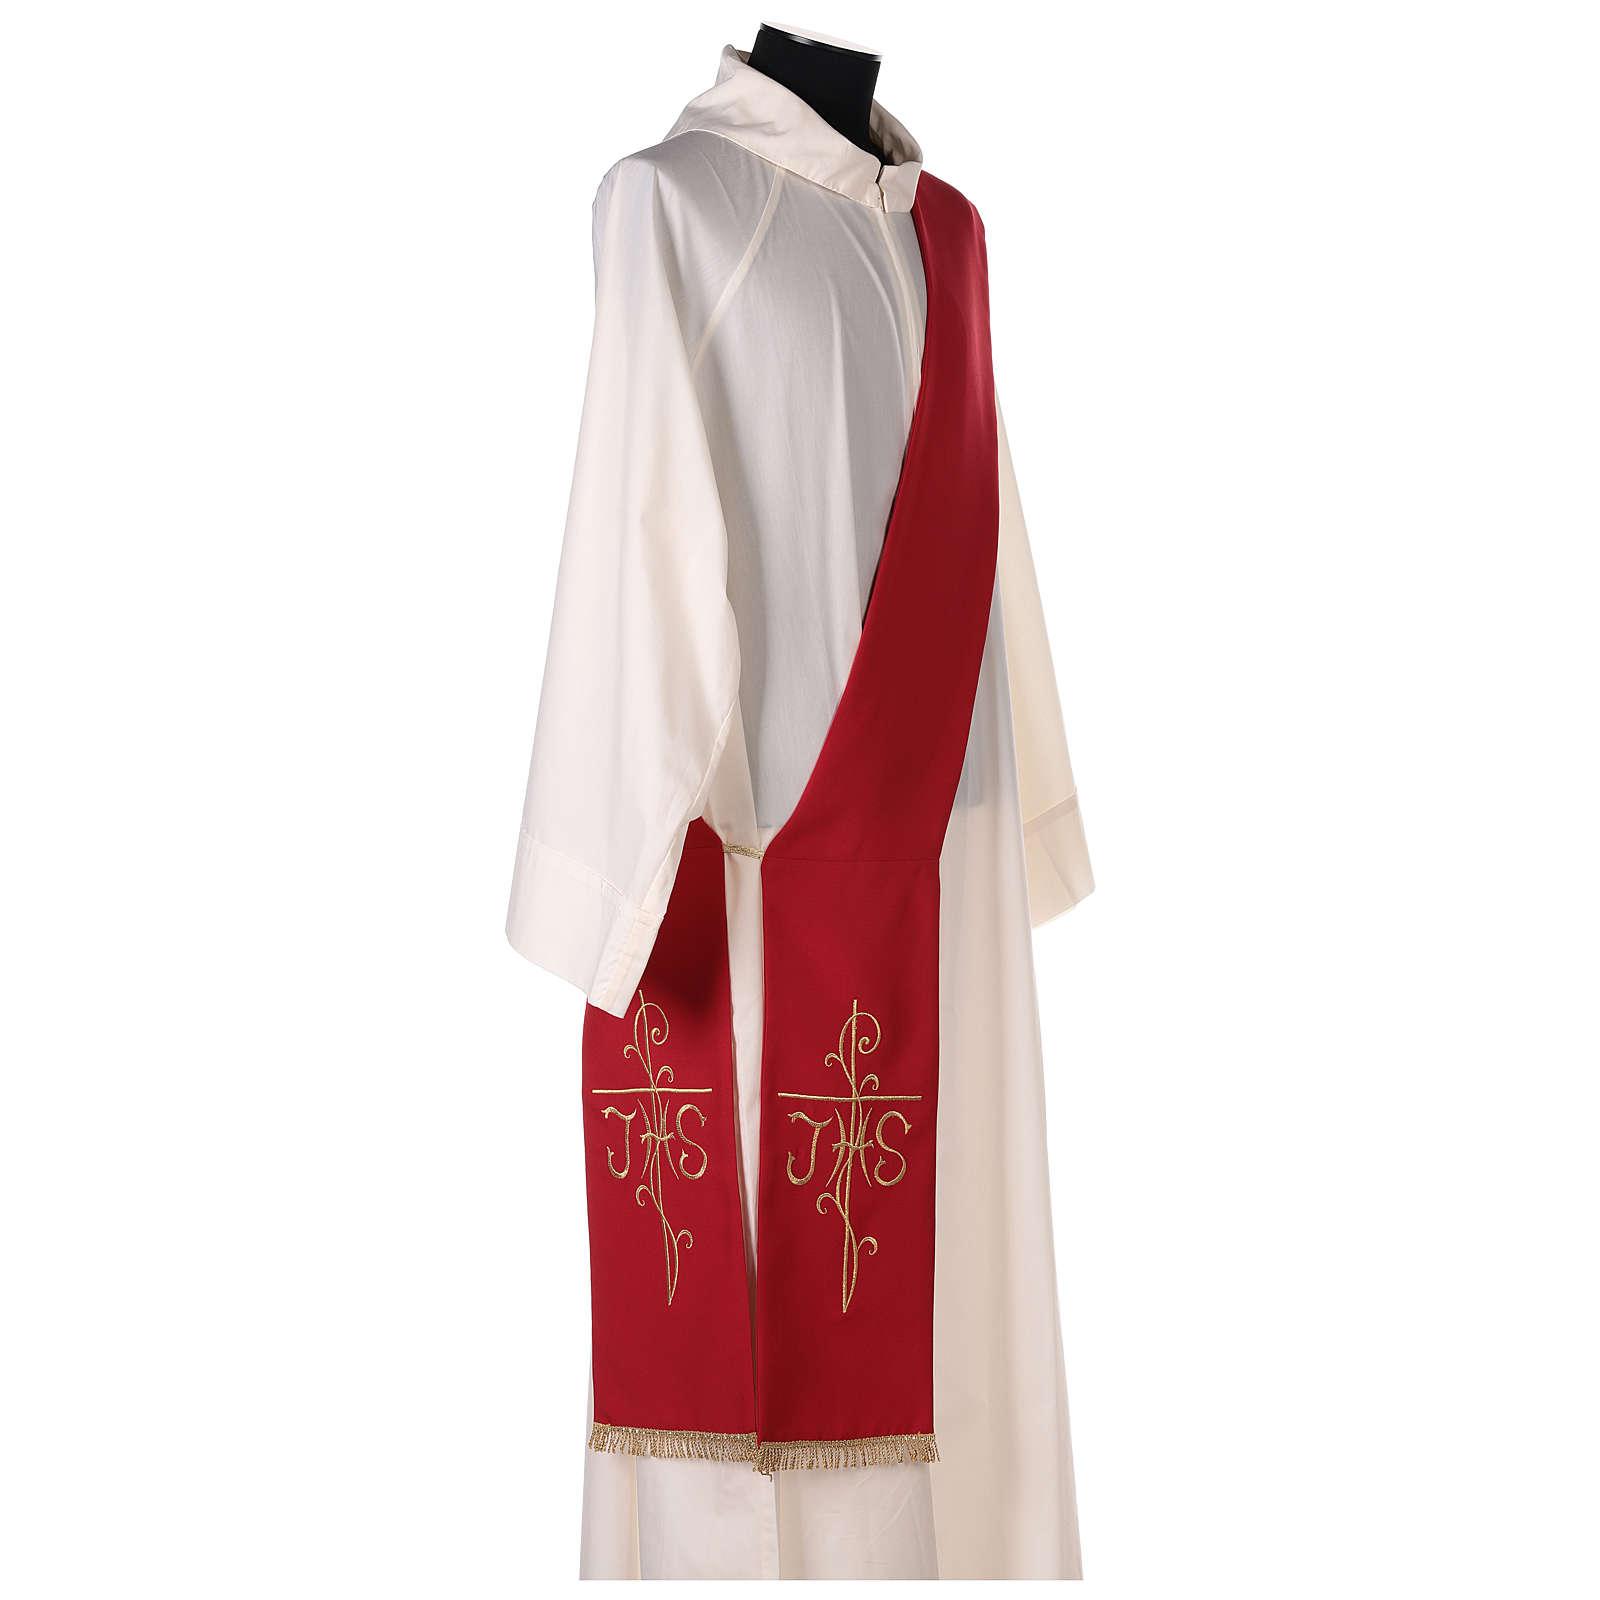 Étole diaconale broderie croix IHS avant arrière tissu Vatican 4